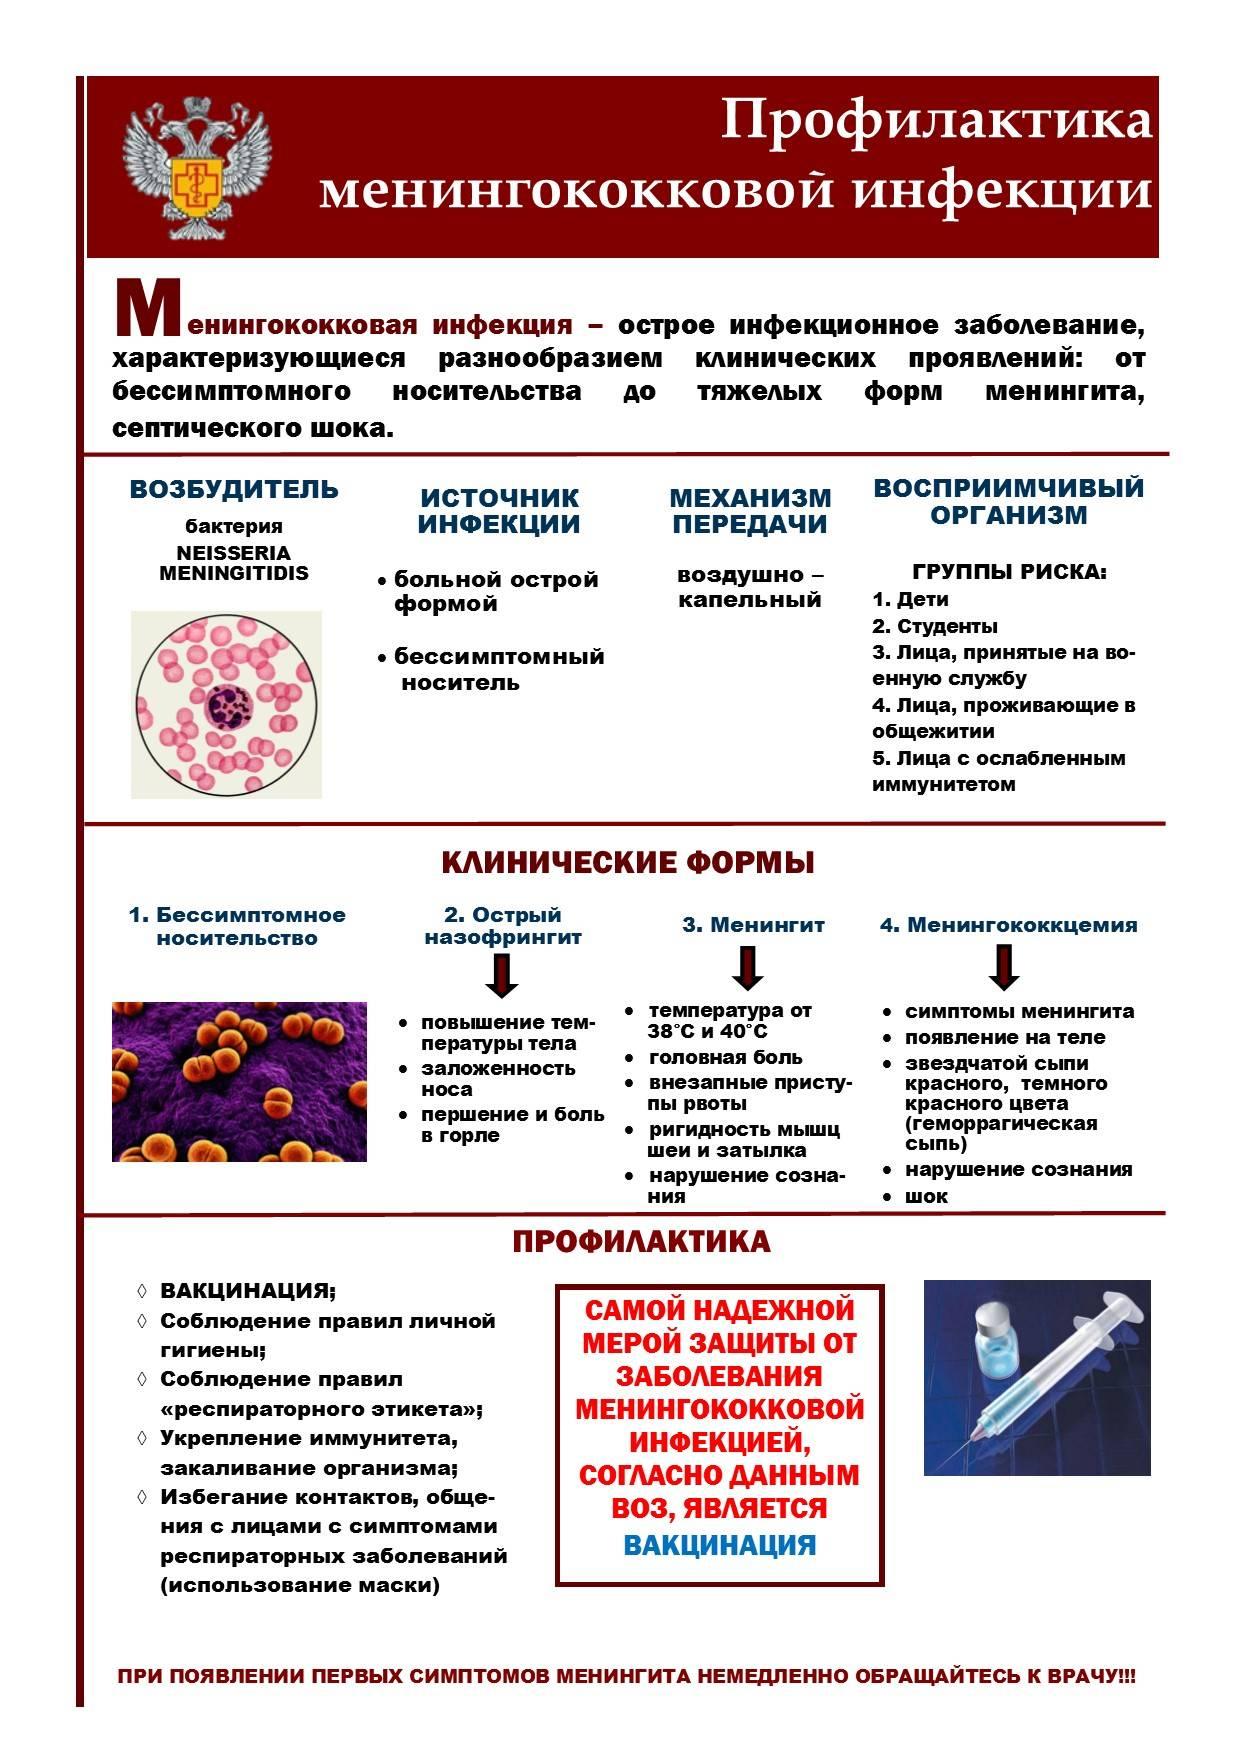 Менингококковая инфекция у детей: симптомы, профилактика, лечение, фото сыпи